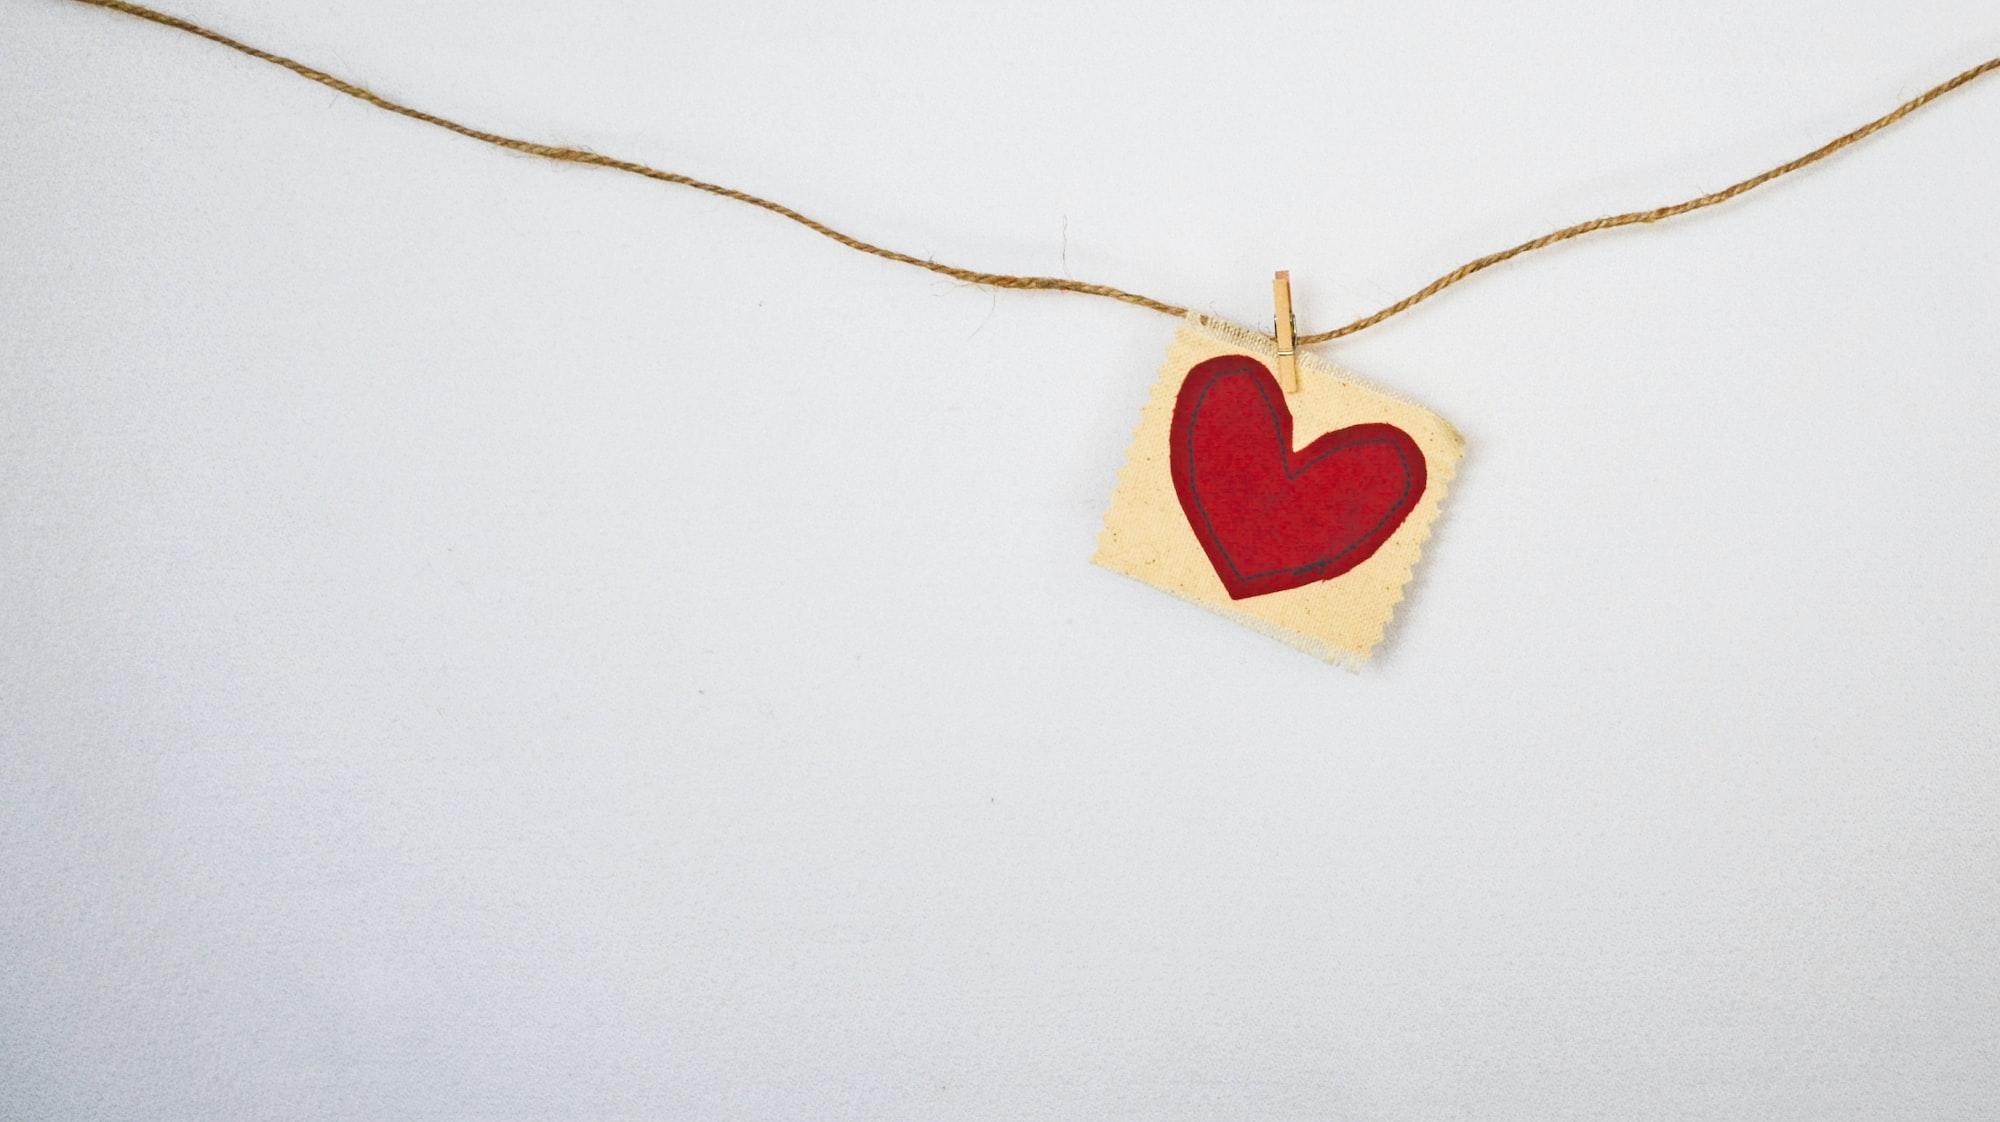 Yürek Atışı Bulmaca Anlamı Nedir?